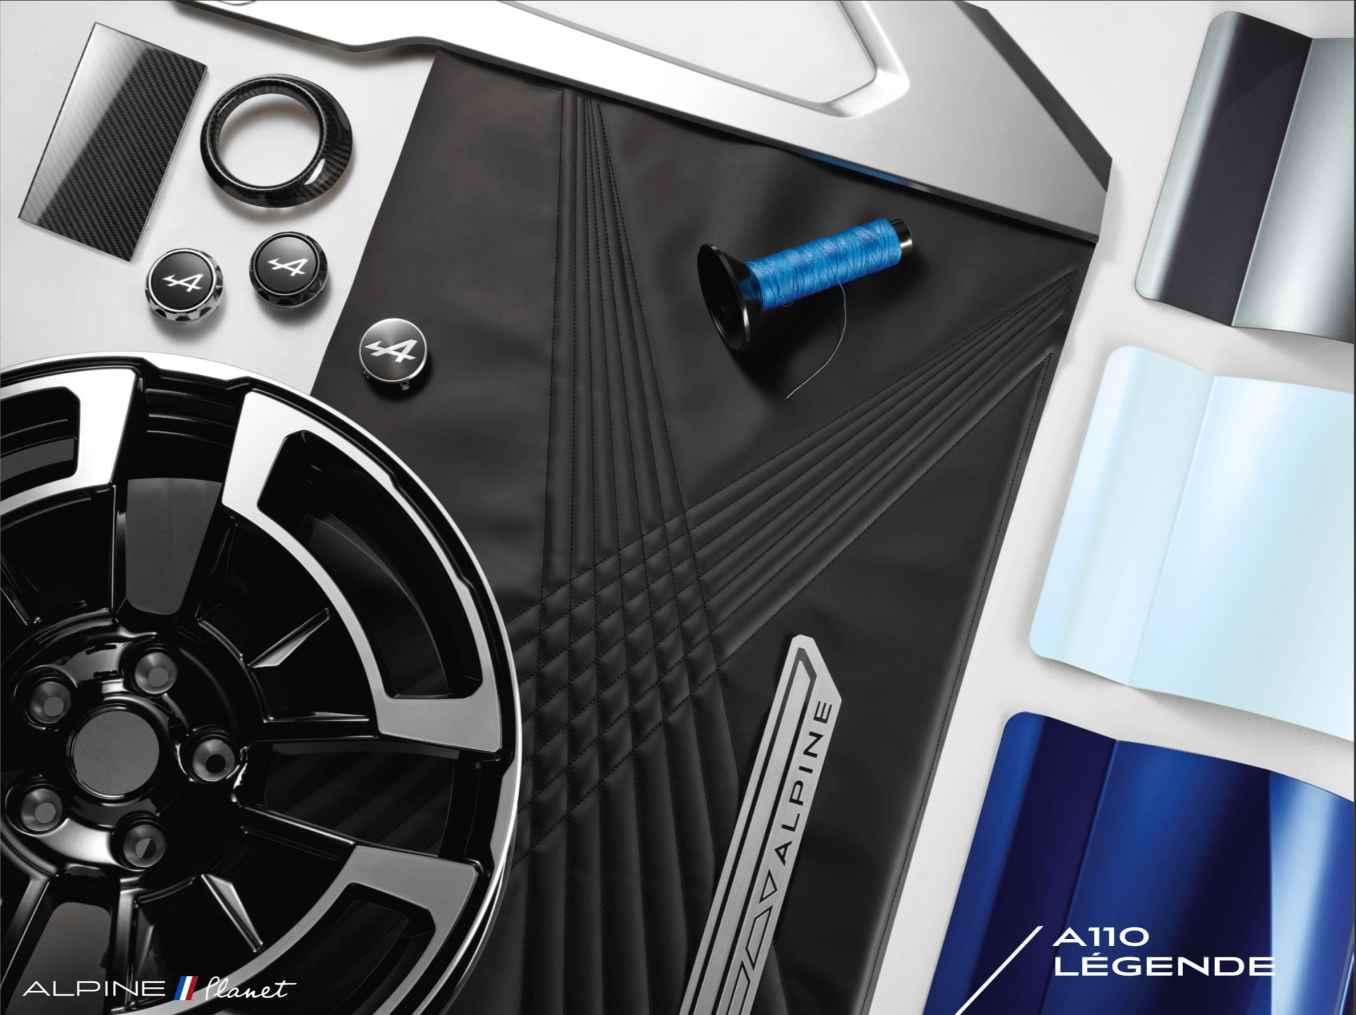 Alpine Planet pure legend reveal 13 | Alpine A110 Pure et Légende: les tarifs, les équipements !